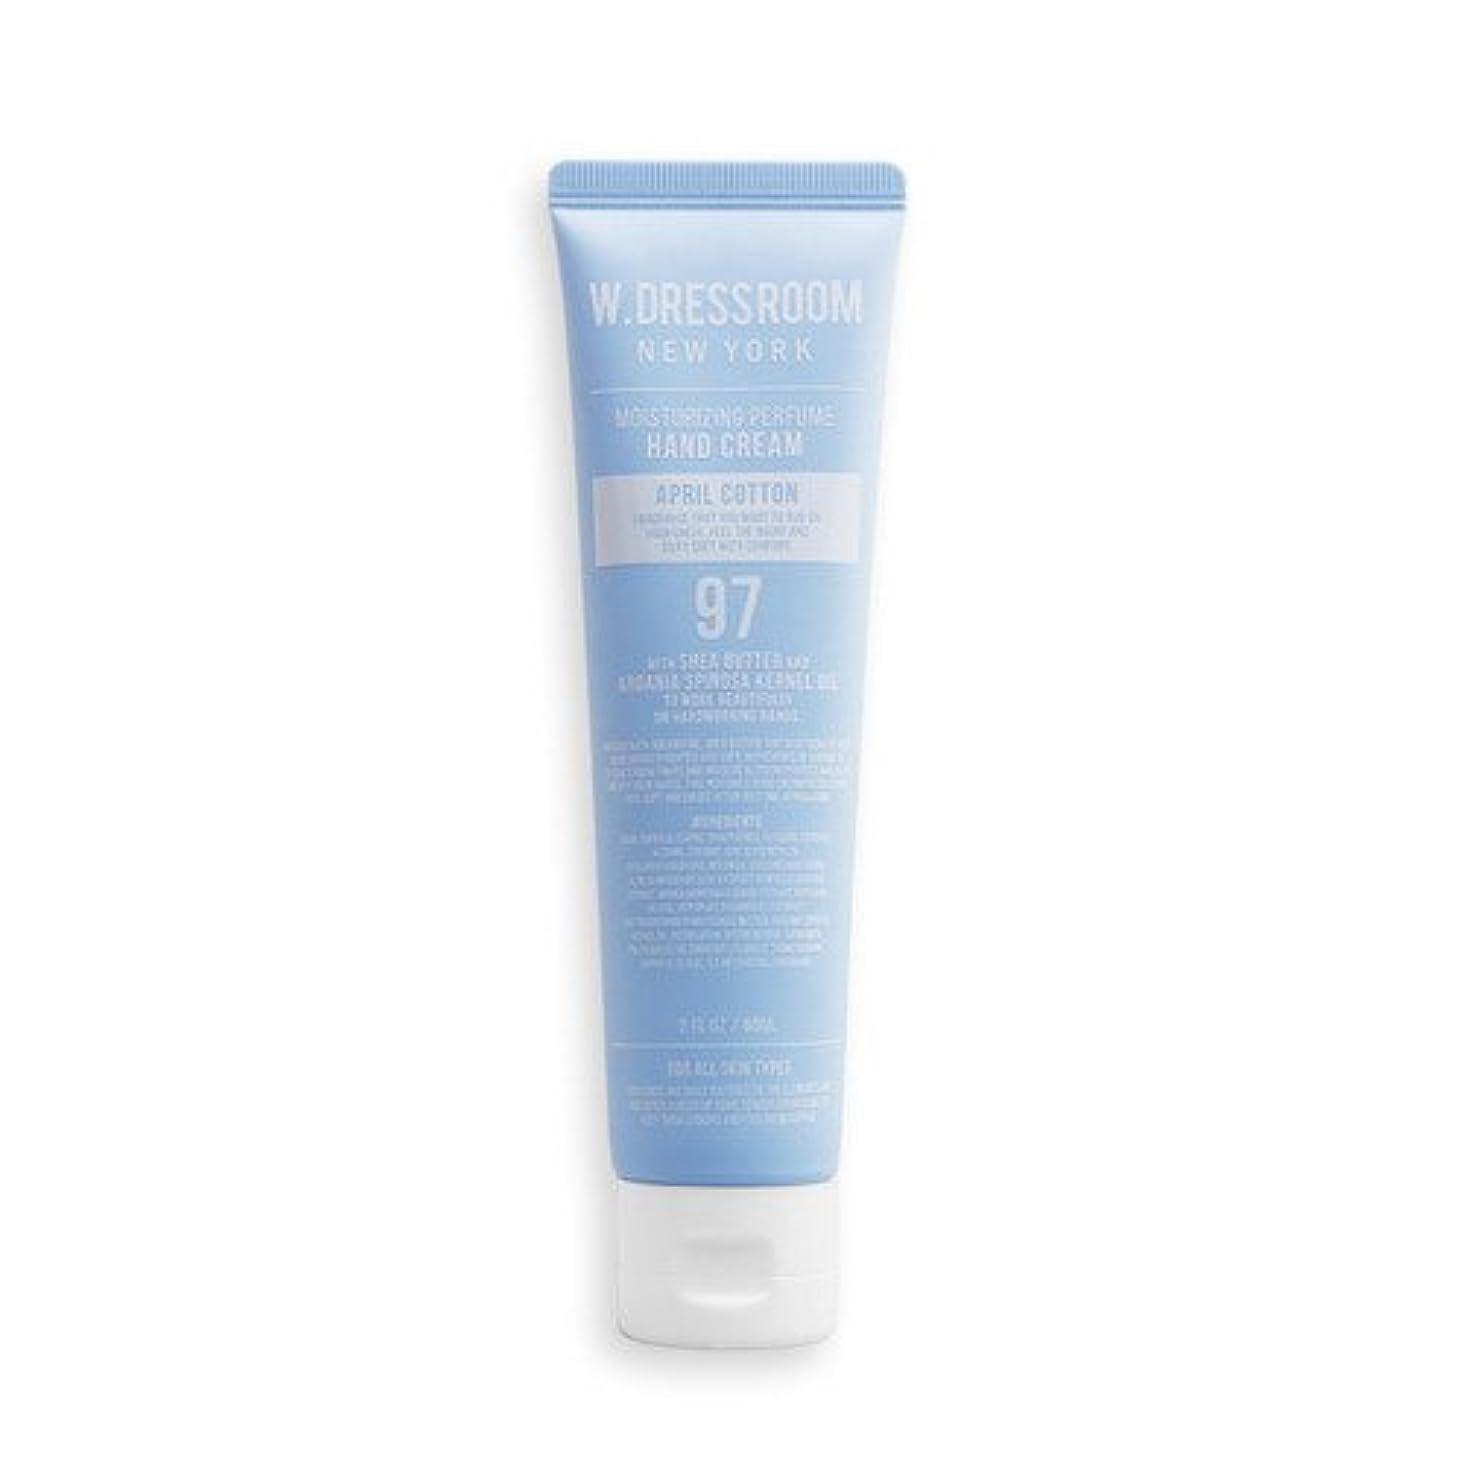 ペストリー運ぶに話すW.DRESSROOM Moisturizing Perfume Hand Cream 60ml/ダブルドレスルーム モイスチャライジング パフューム ハンドクリーム 60ml (#No.97 April Cotton)...